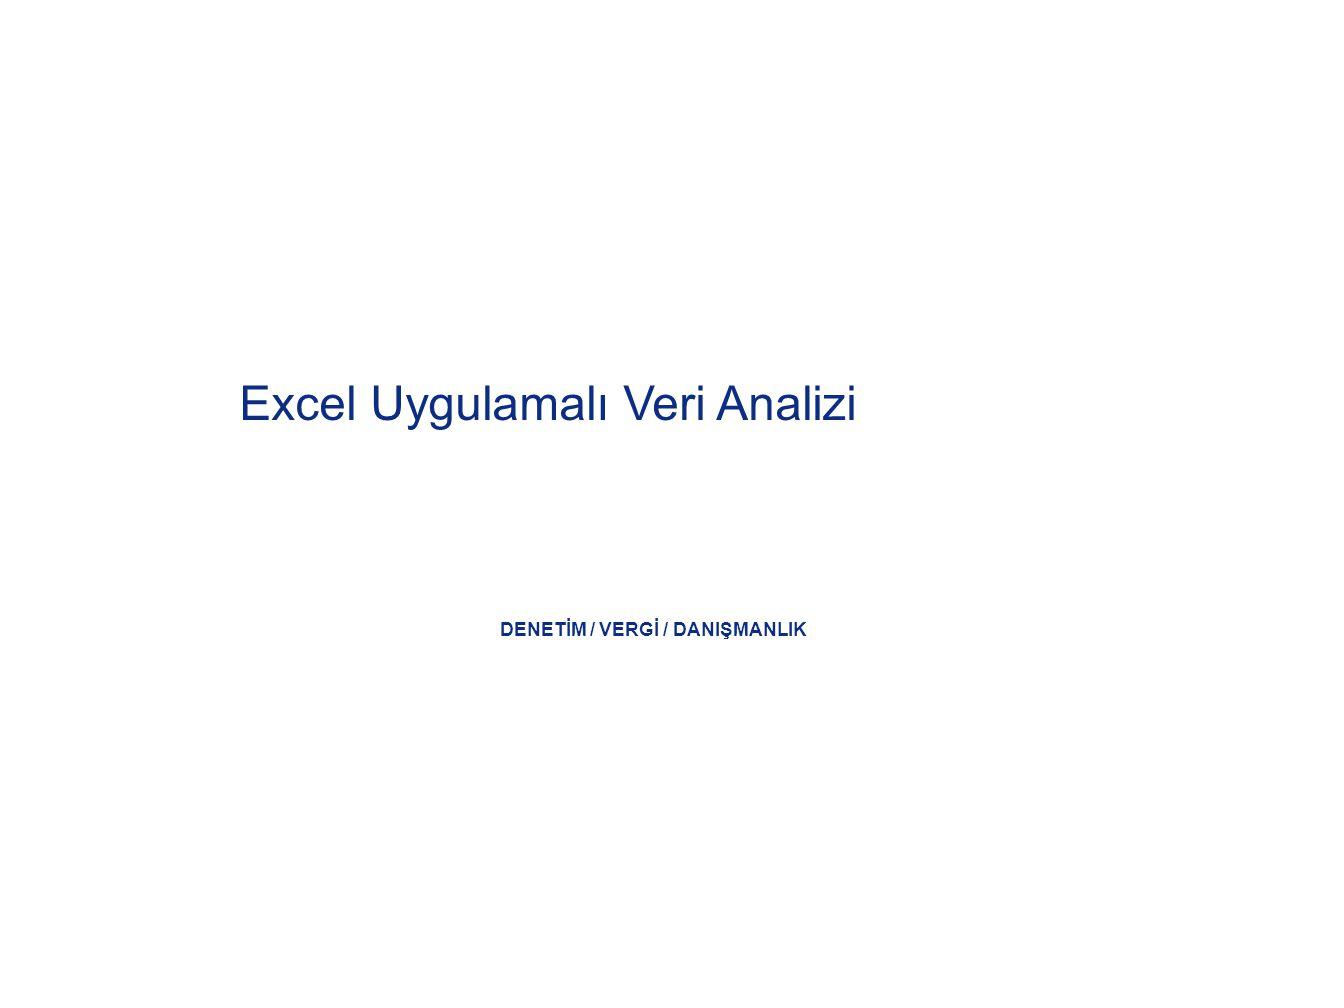 Excel'in bazı istatistik fonksiyonlarını öğrenmek: